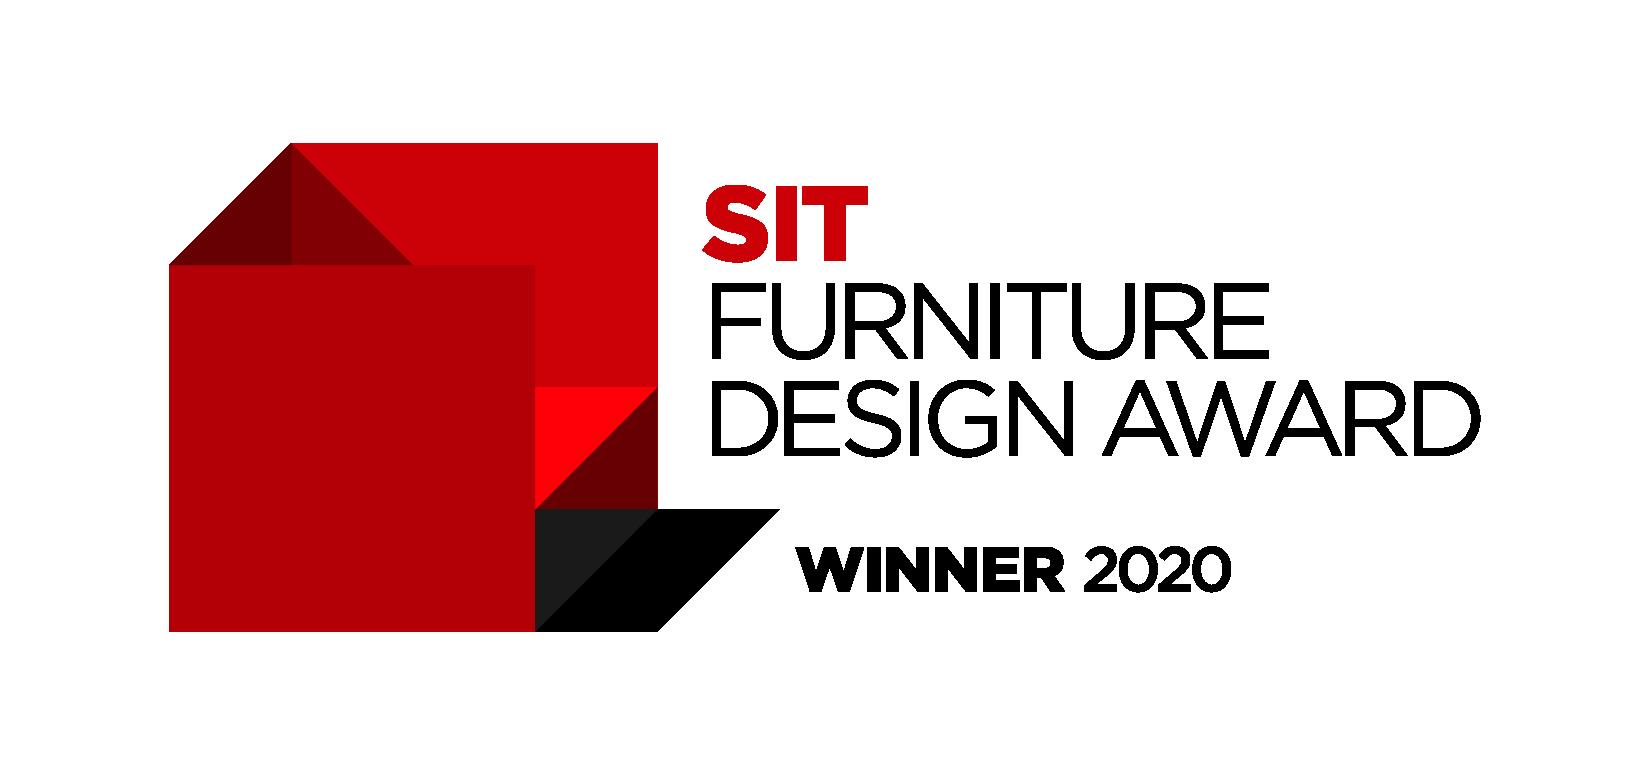 SIT-Furniture-Design-Award-2020_Seal-1